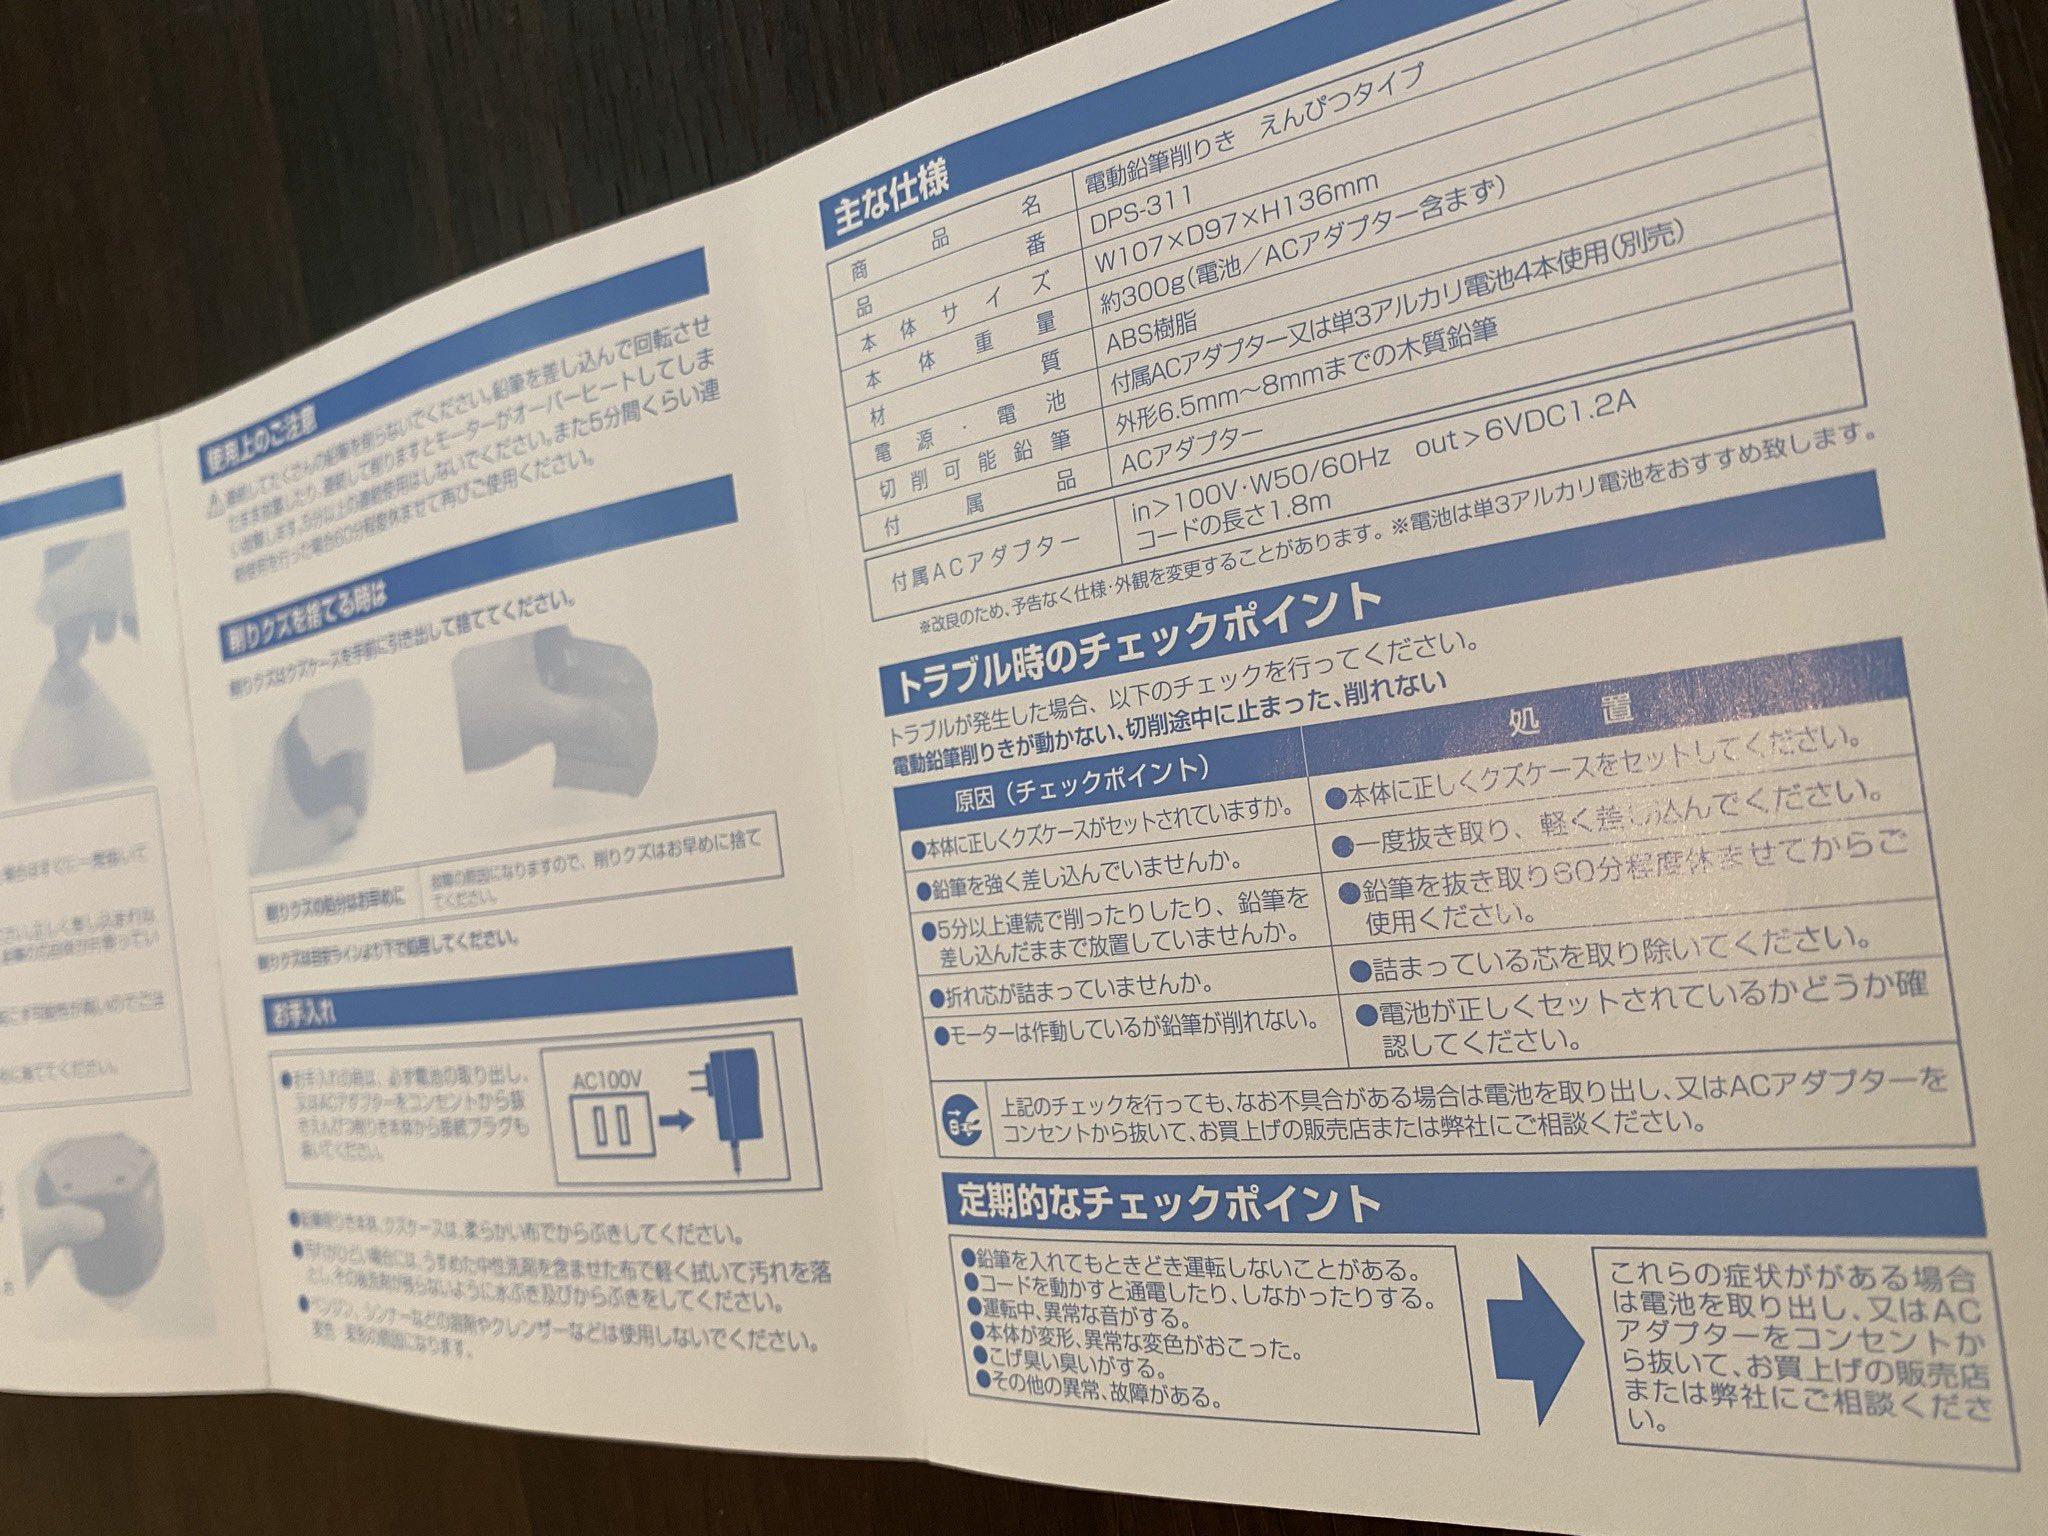 ナカバヤシ 電動えんぴつ削りき DPS-311 取扱説明書 https://t.co/e9UZdRtSFH